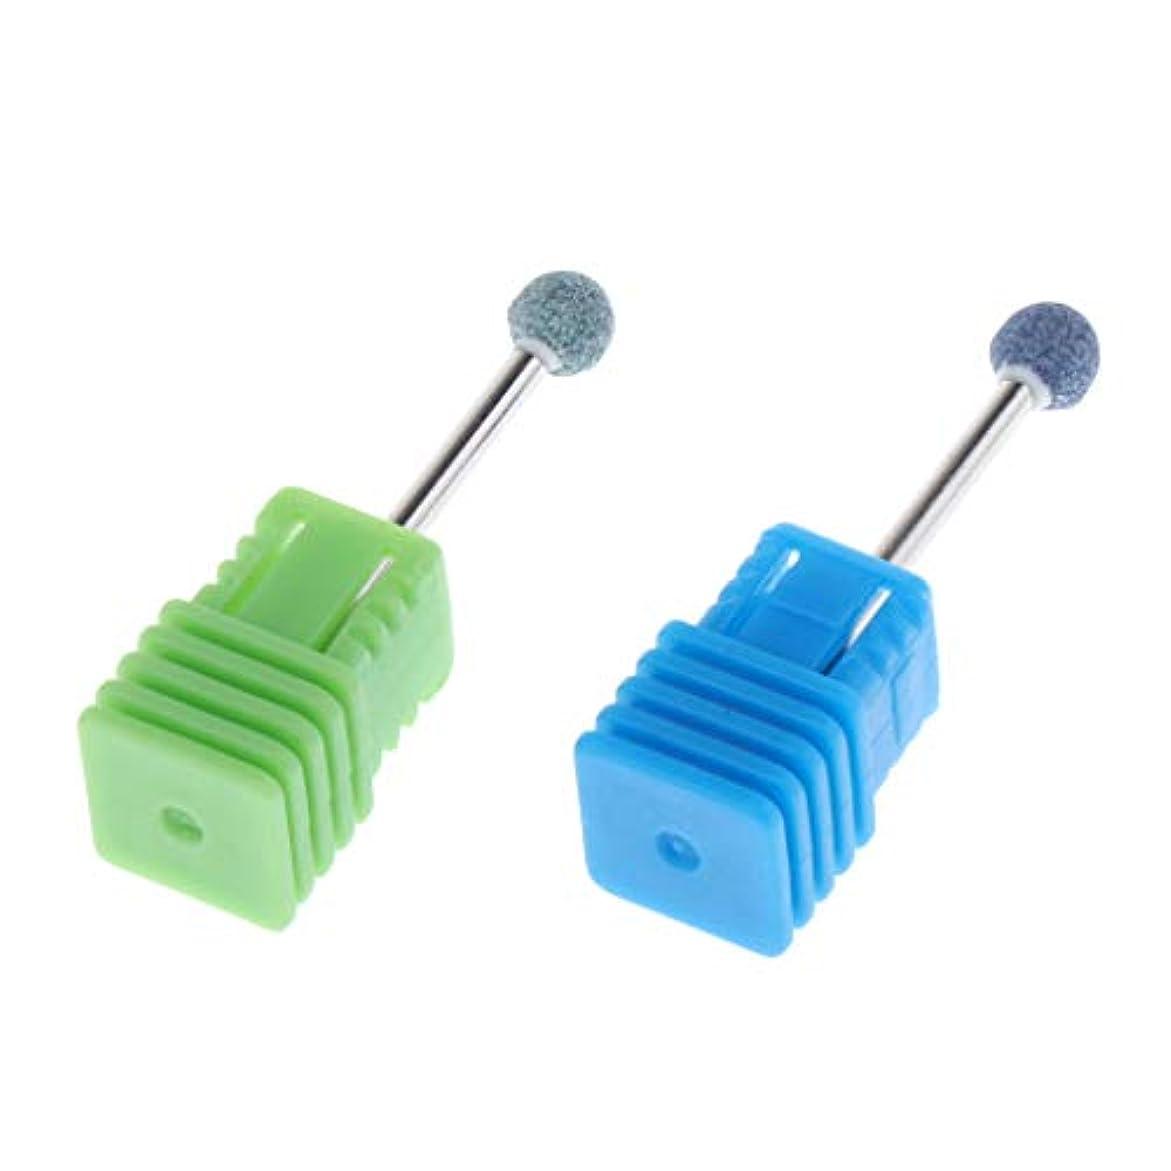 対応六分儀疑わしいネイル グラインド ヘッド マニキュアビット ネイル 電動研磨ヘッド ネイル道具 ケアツール 2個 全6カラー - 緑+青